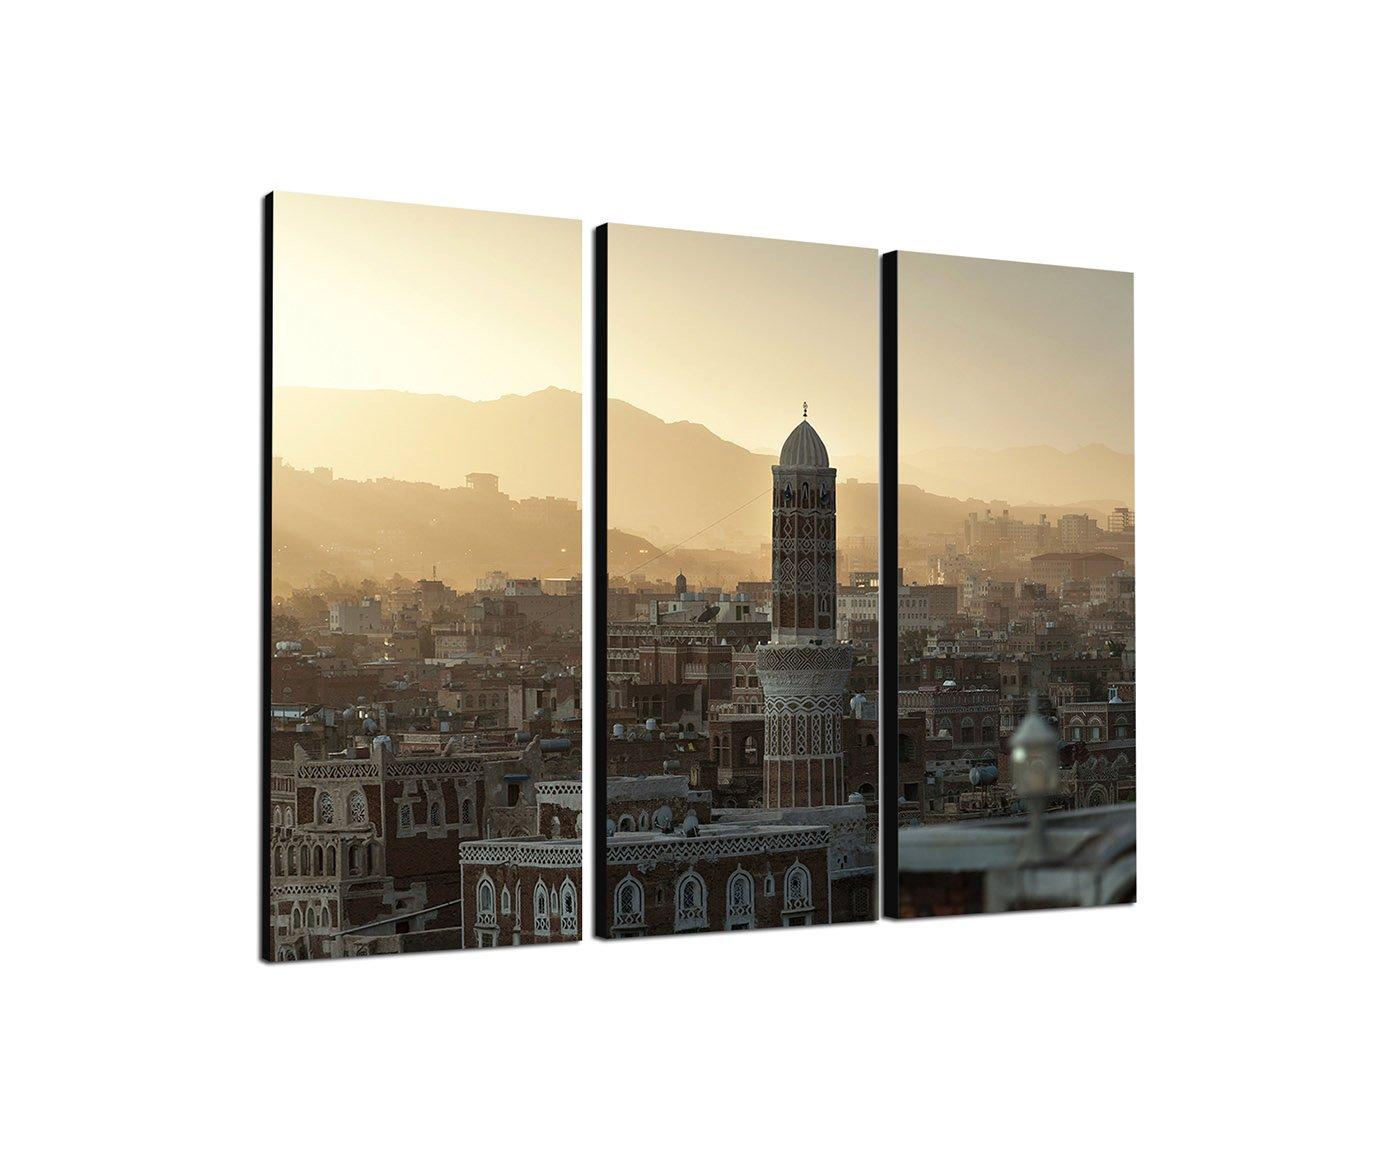 Jemen Sanaa 3x40x90cm dreiteiliges Wandbild auf Leinwand und Keilrahmen fertig zum aufhängen - Unsere Bilder auf Leinwand bestechen durch ihre ungewöhnlichen Formate und den extrem detaillierten Druck aus bis zu 100 Megapixel hoch aufgelösten Fotos. Paul S